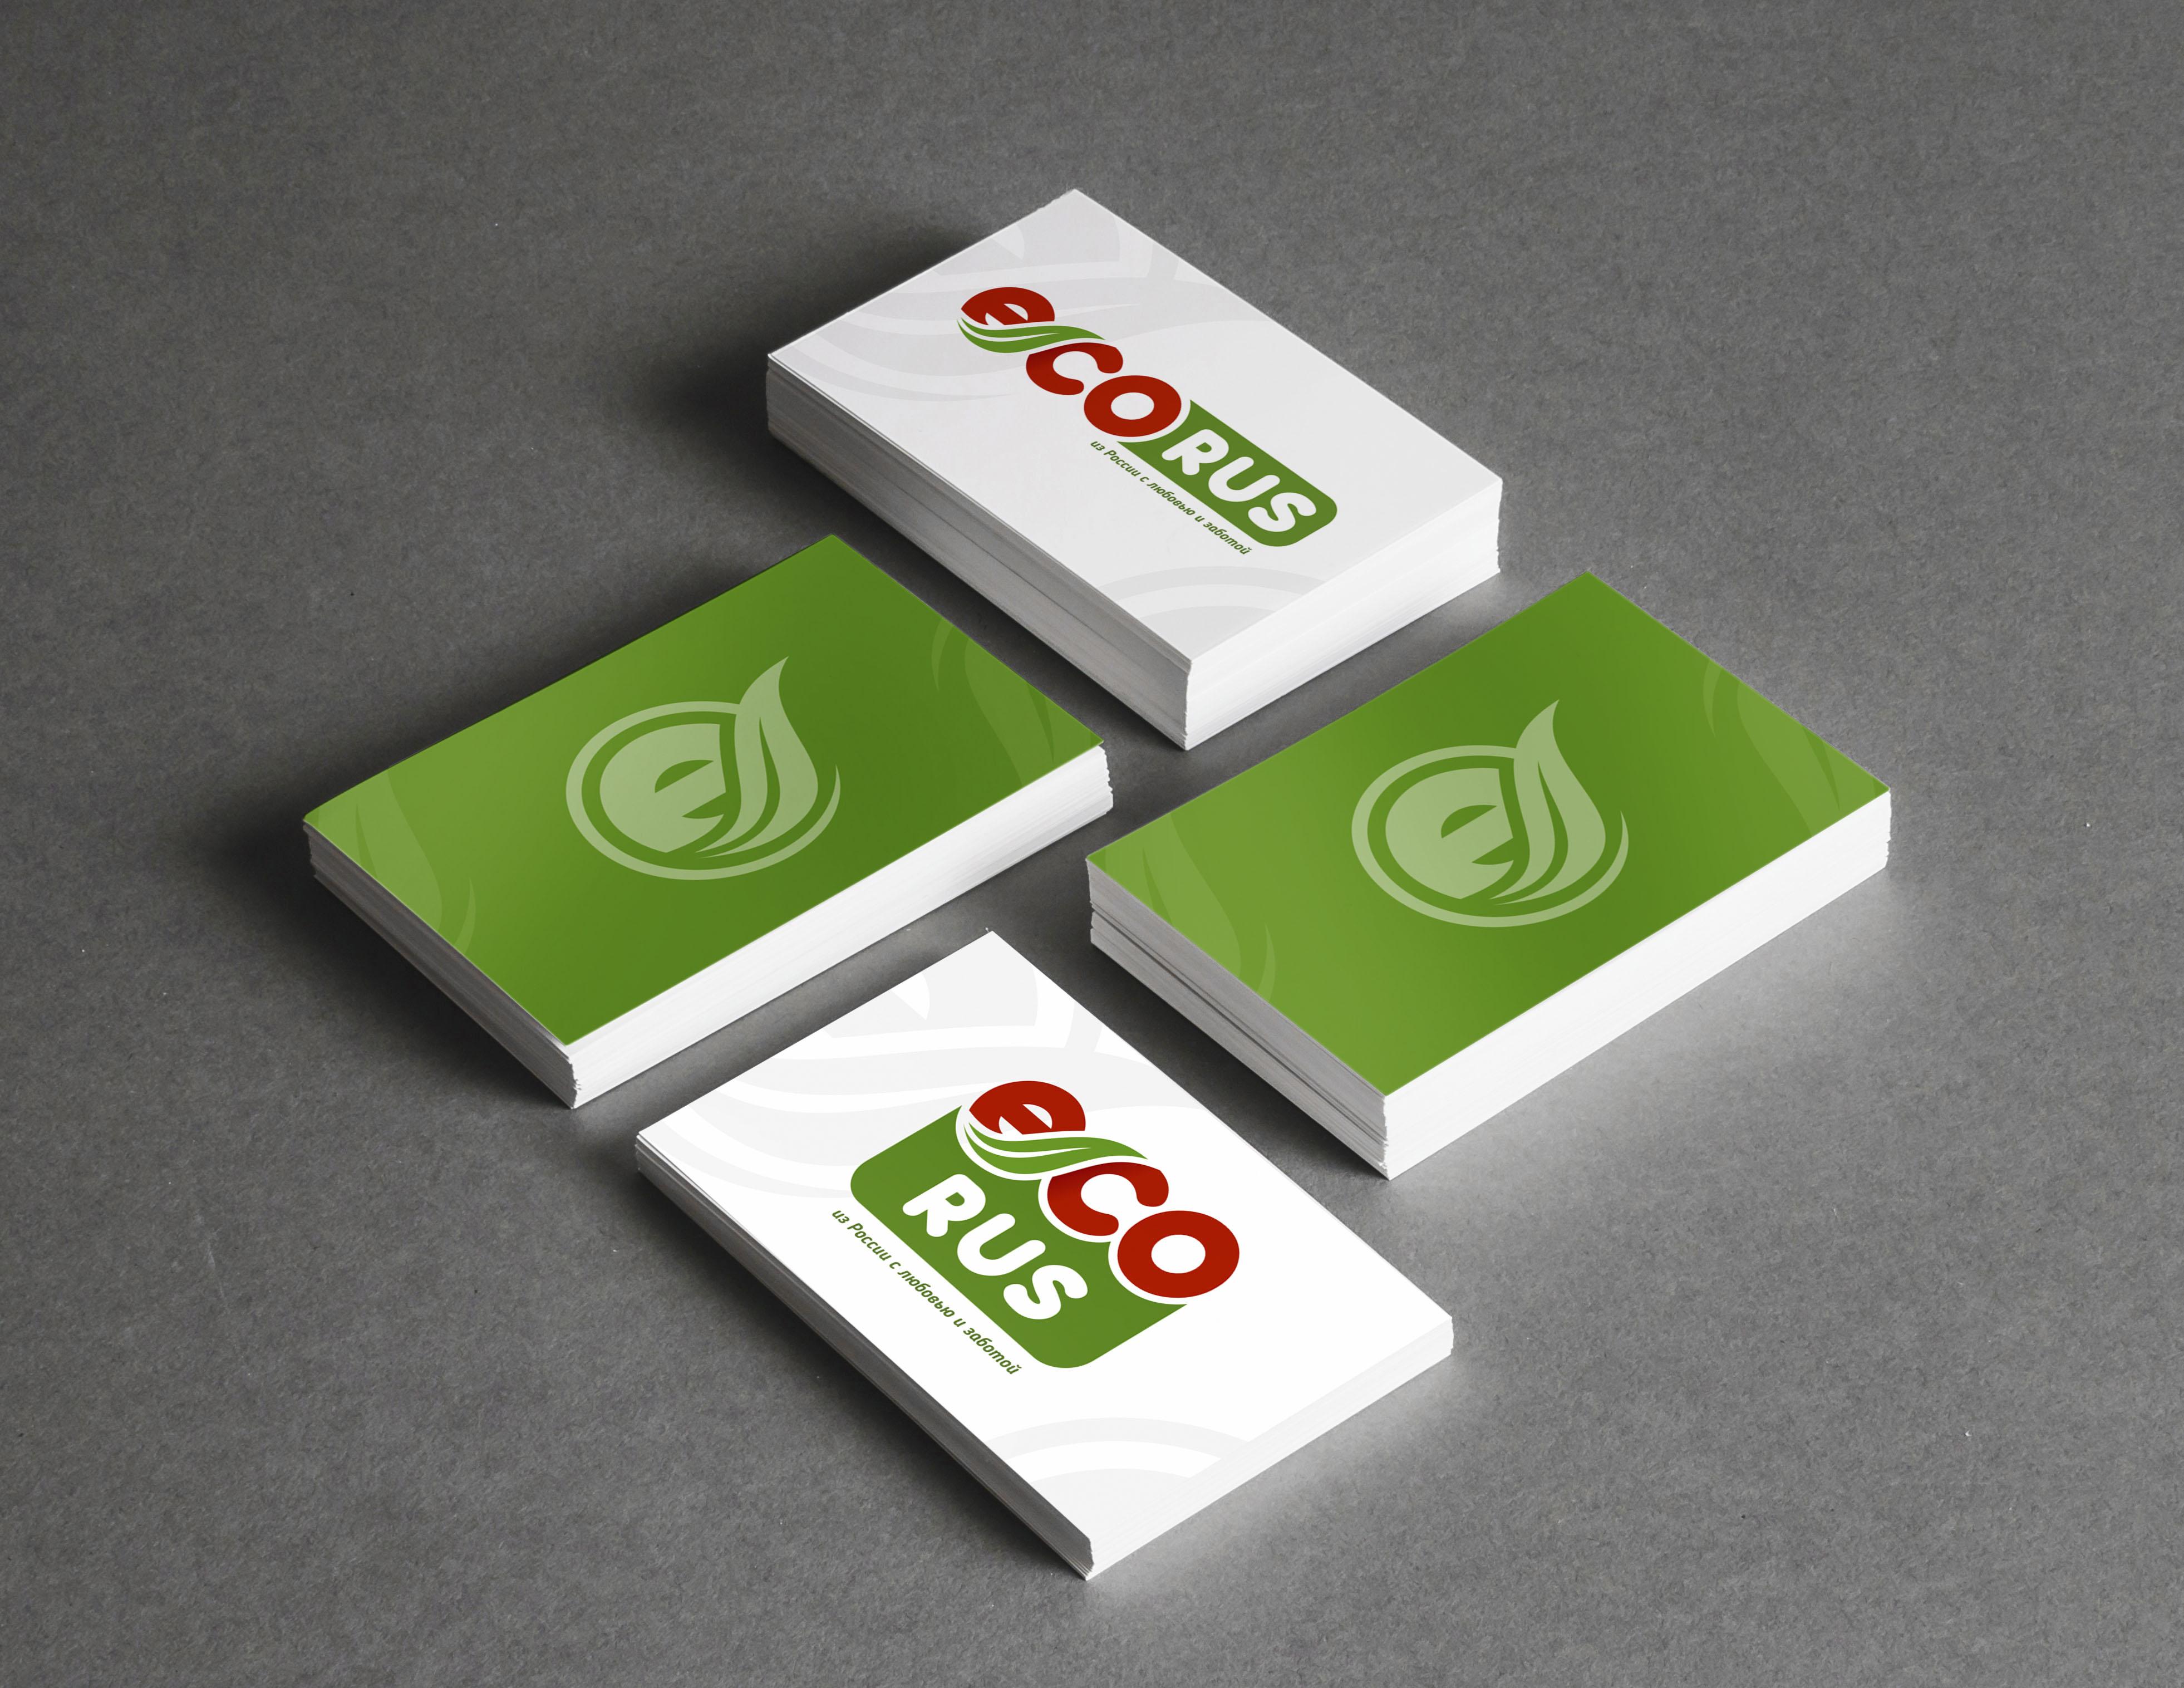 Логотип для поставщика продуктов питания из России в Китай фото f_5715ea72e5c6dcfe.jpg